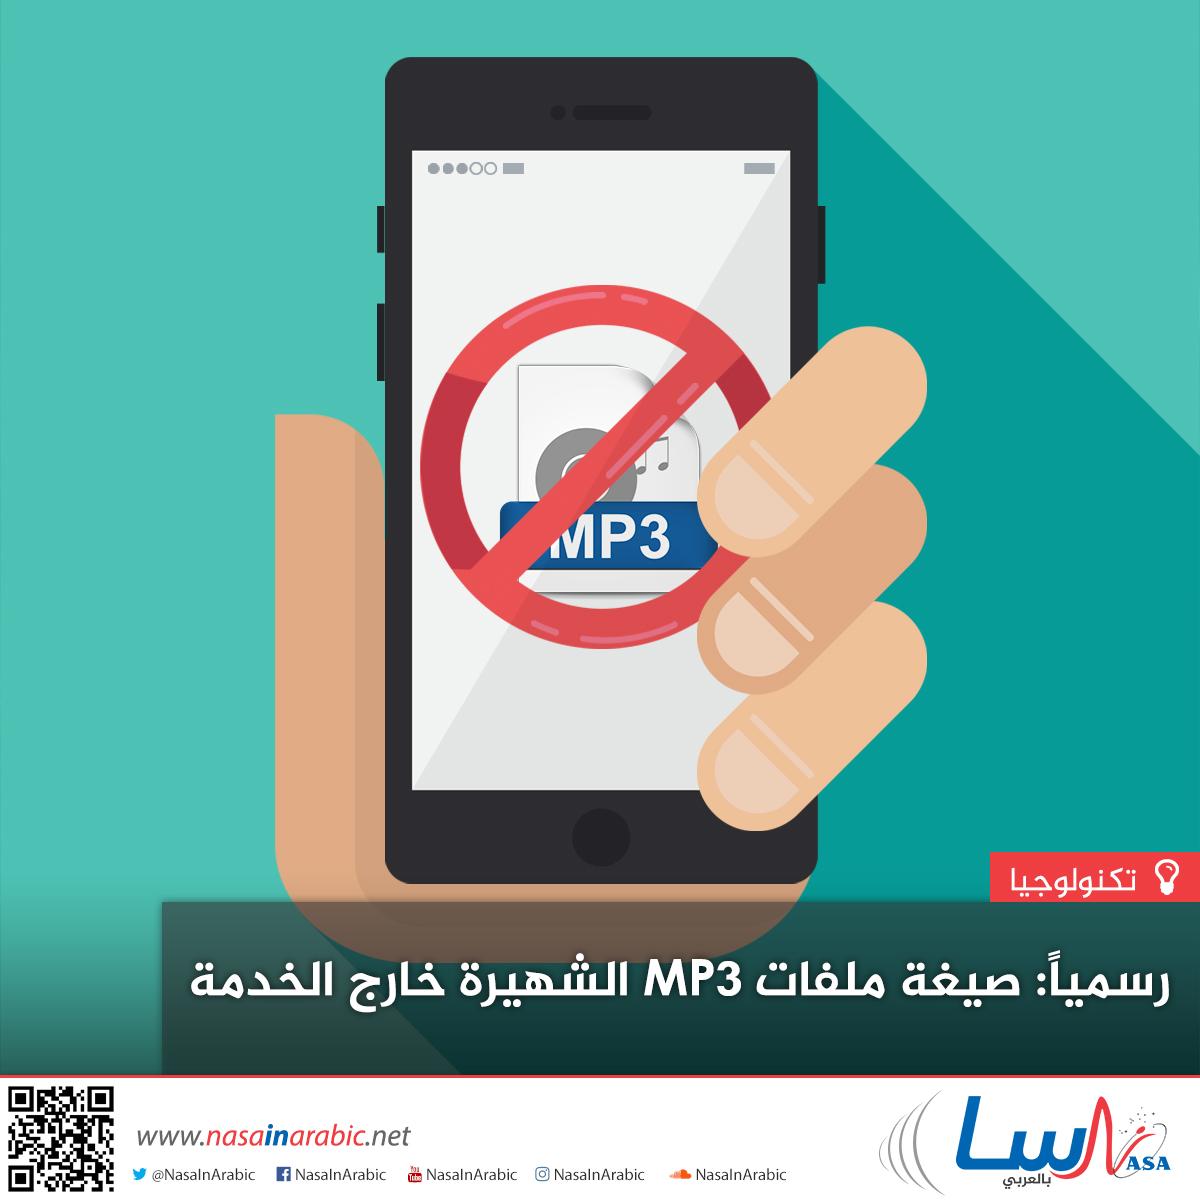 رسمياً: صيغة ملفات MP3 الشهيرة خارج الخدمة